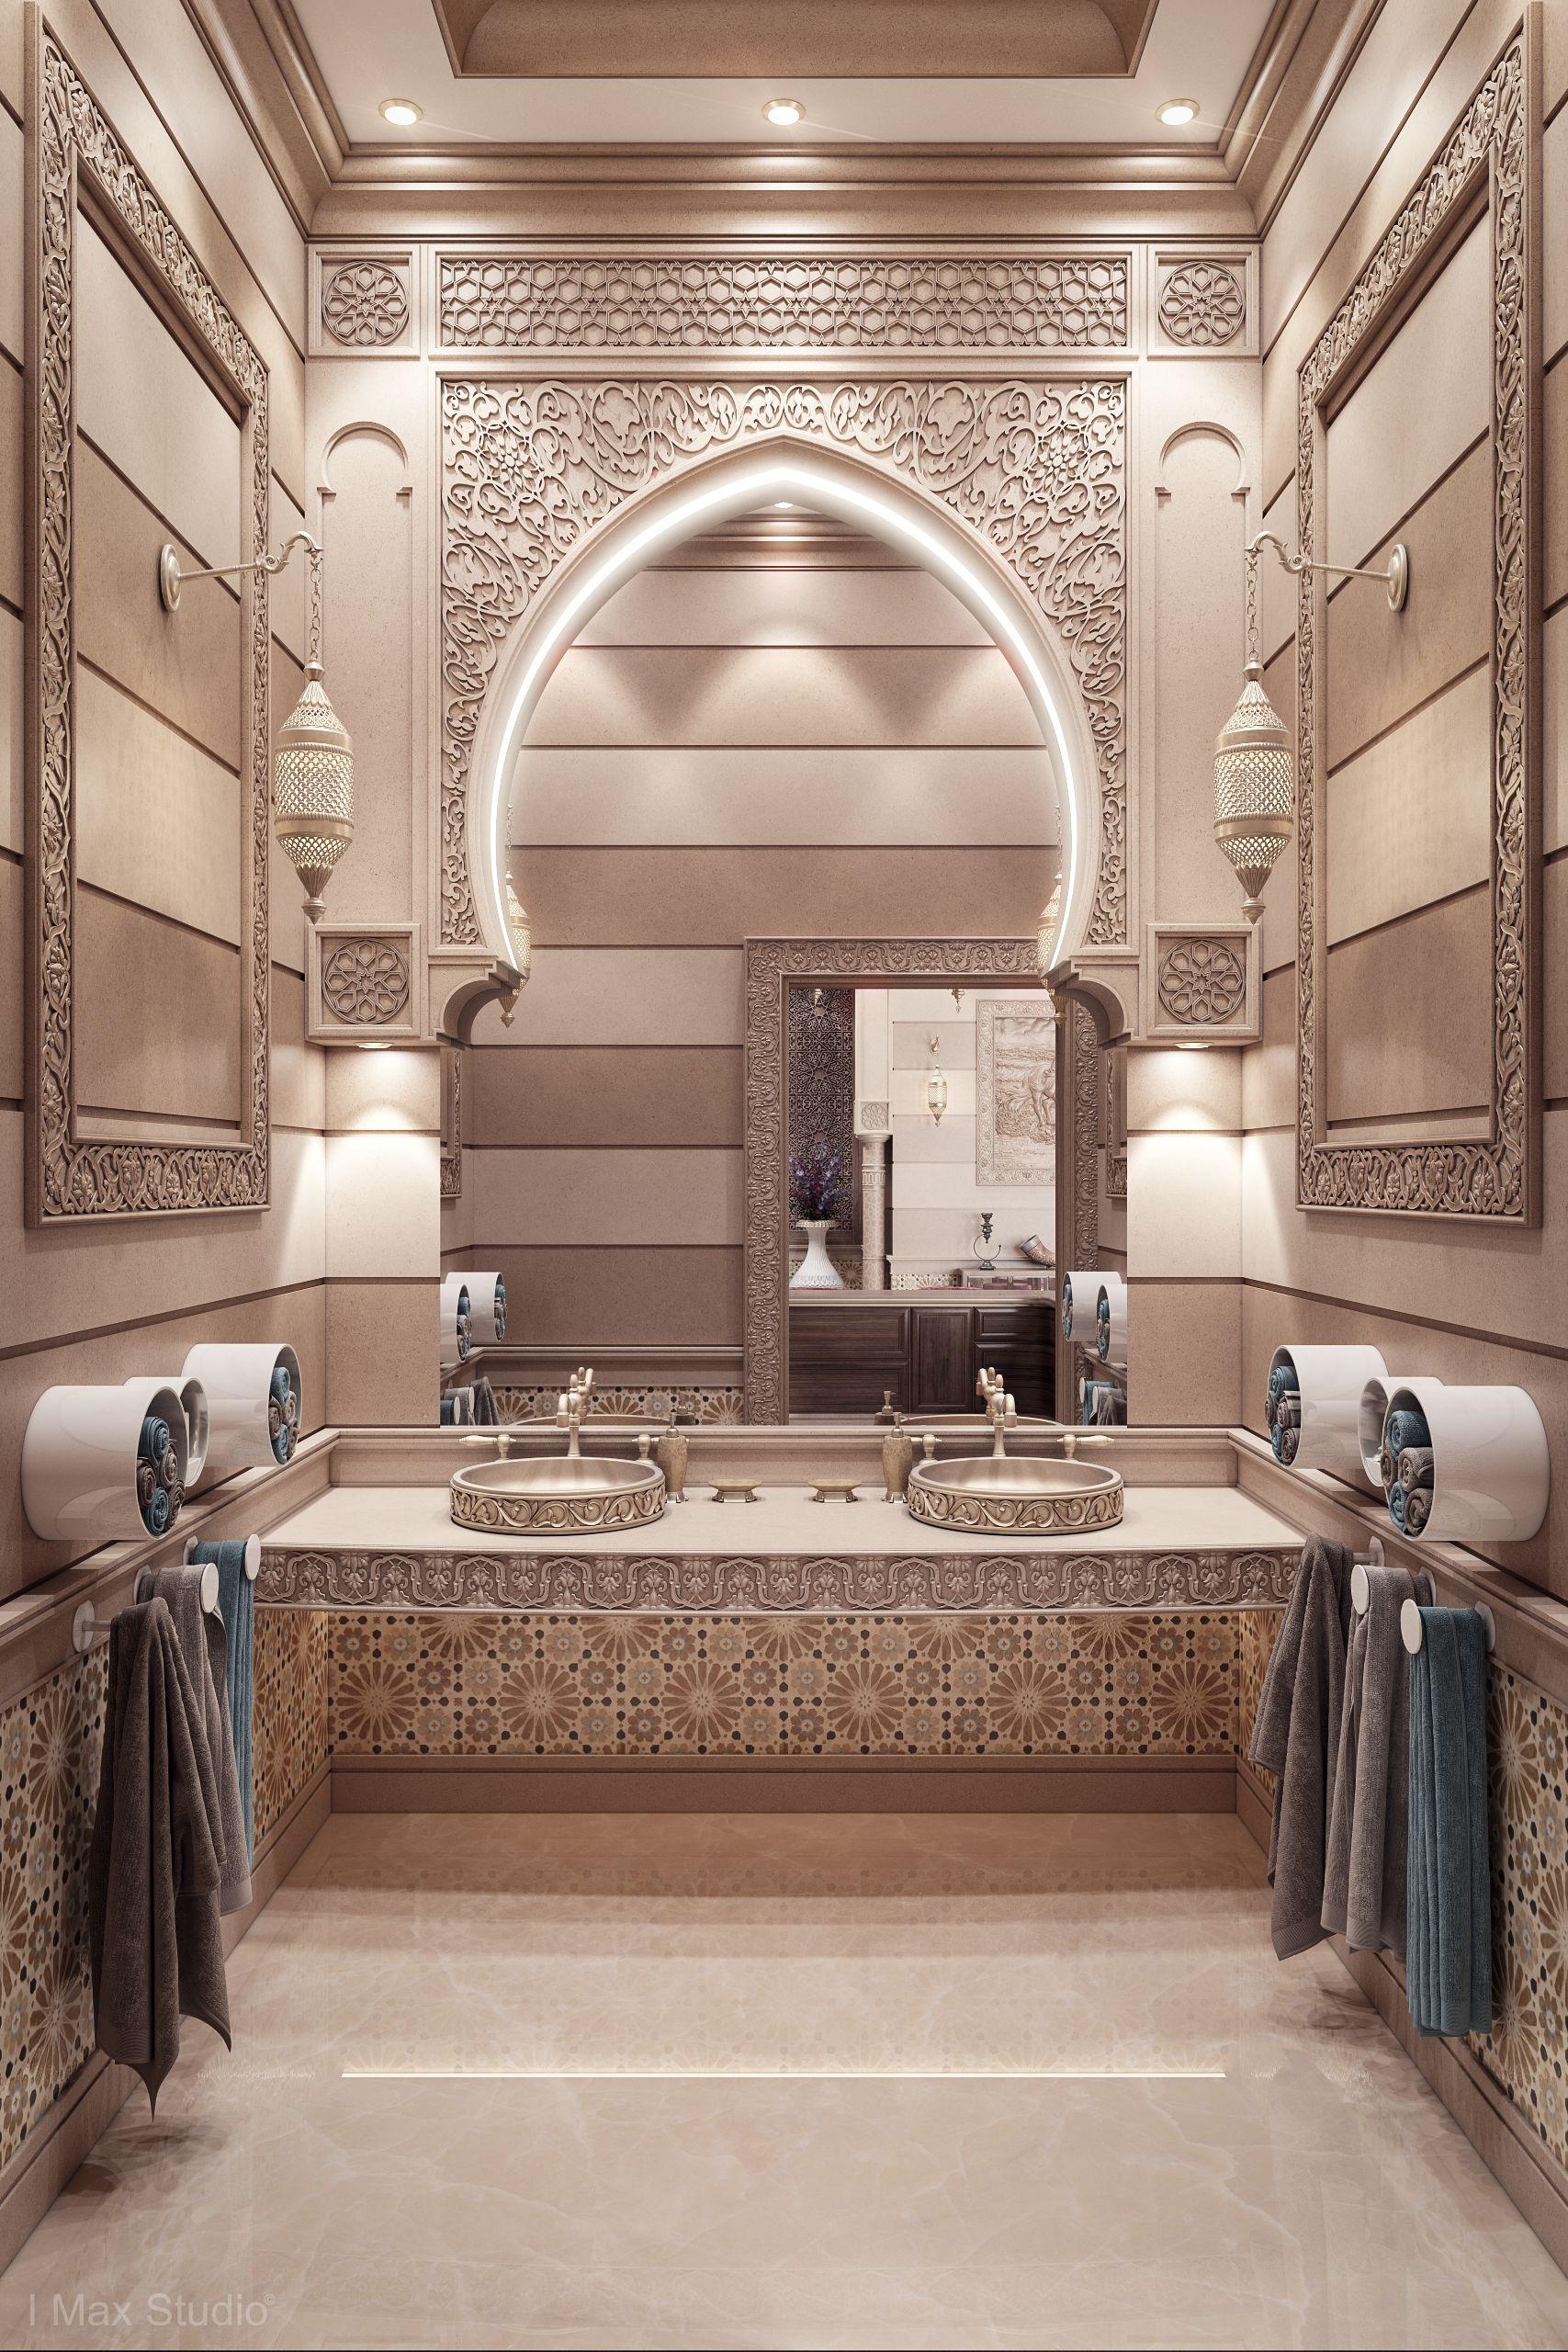 Arabic Restaurant Interior Design